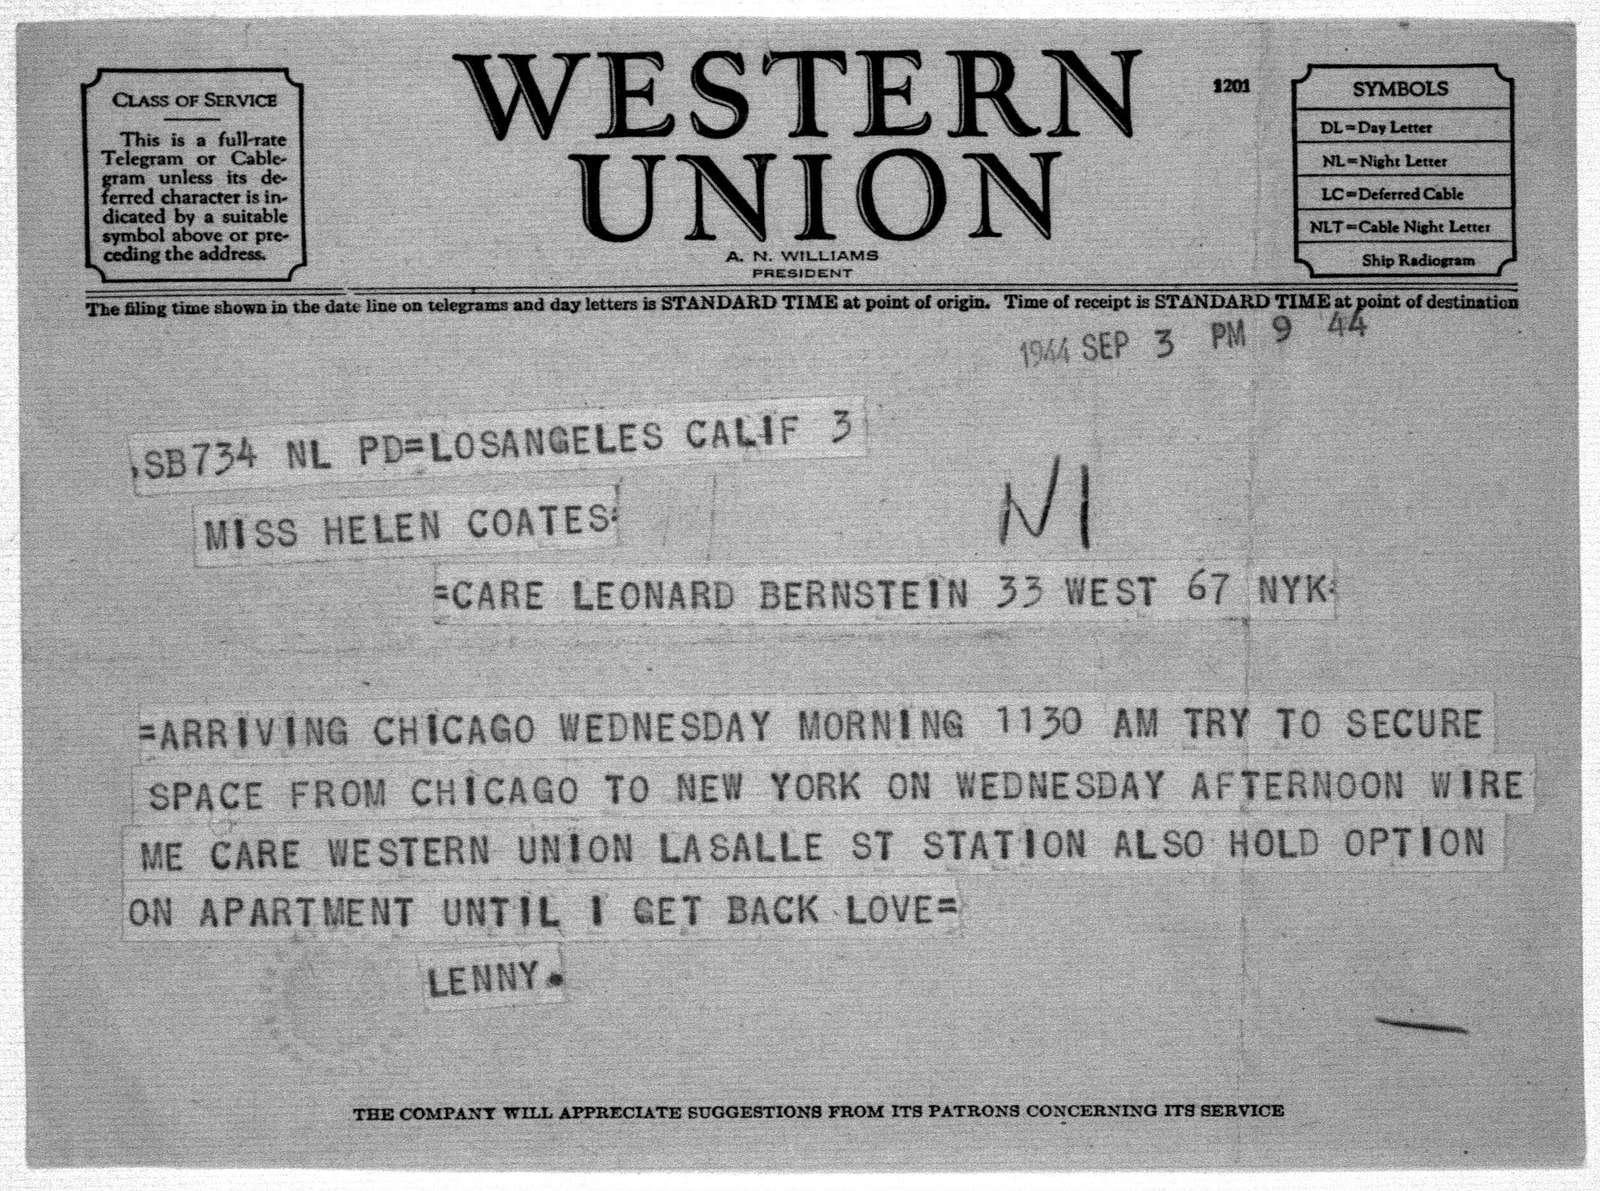 Letter from Leonard Bernstein to Helen Coates, September 3, 1944